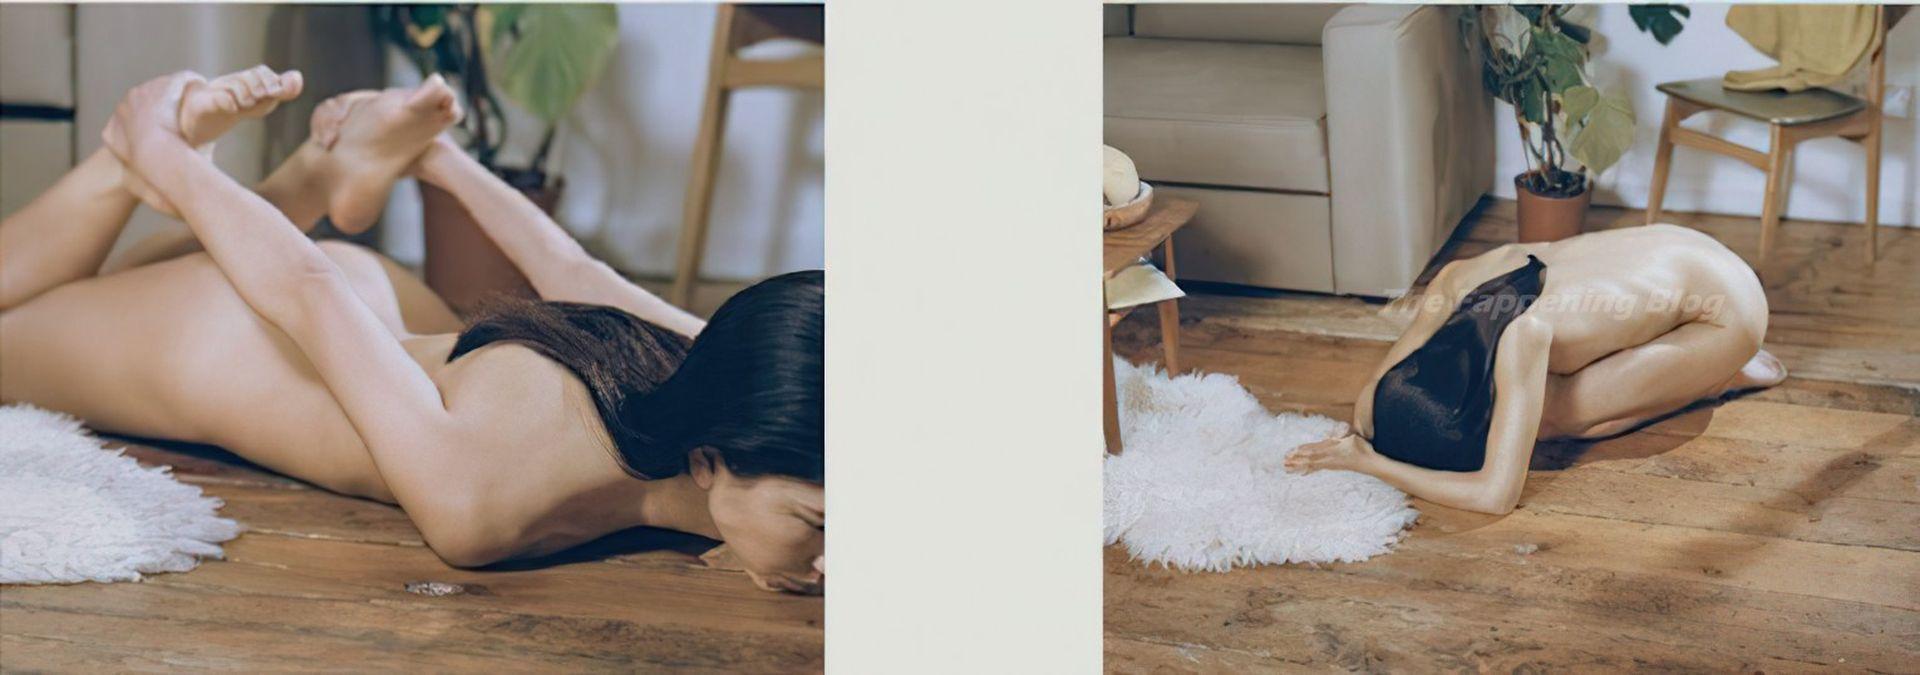 Mizuno nude sonoya Sonoya Mizuno